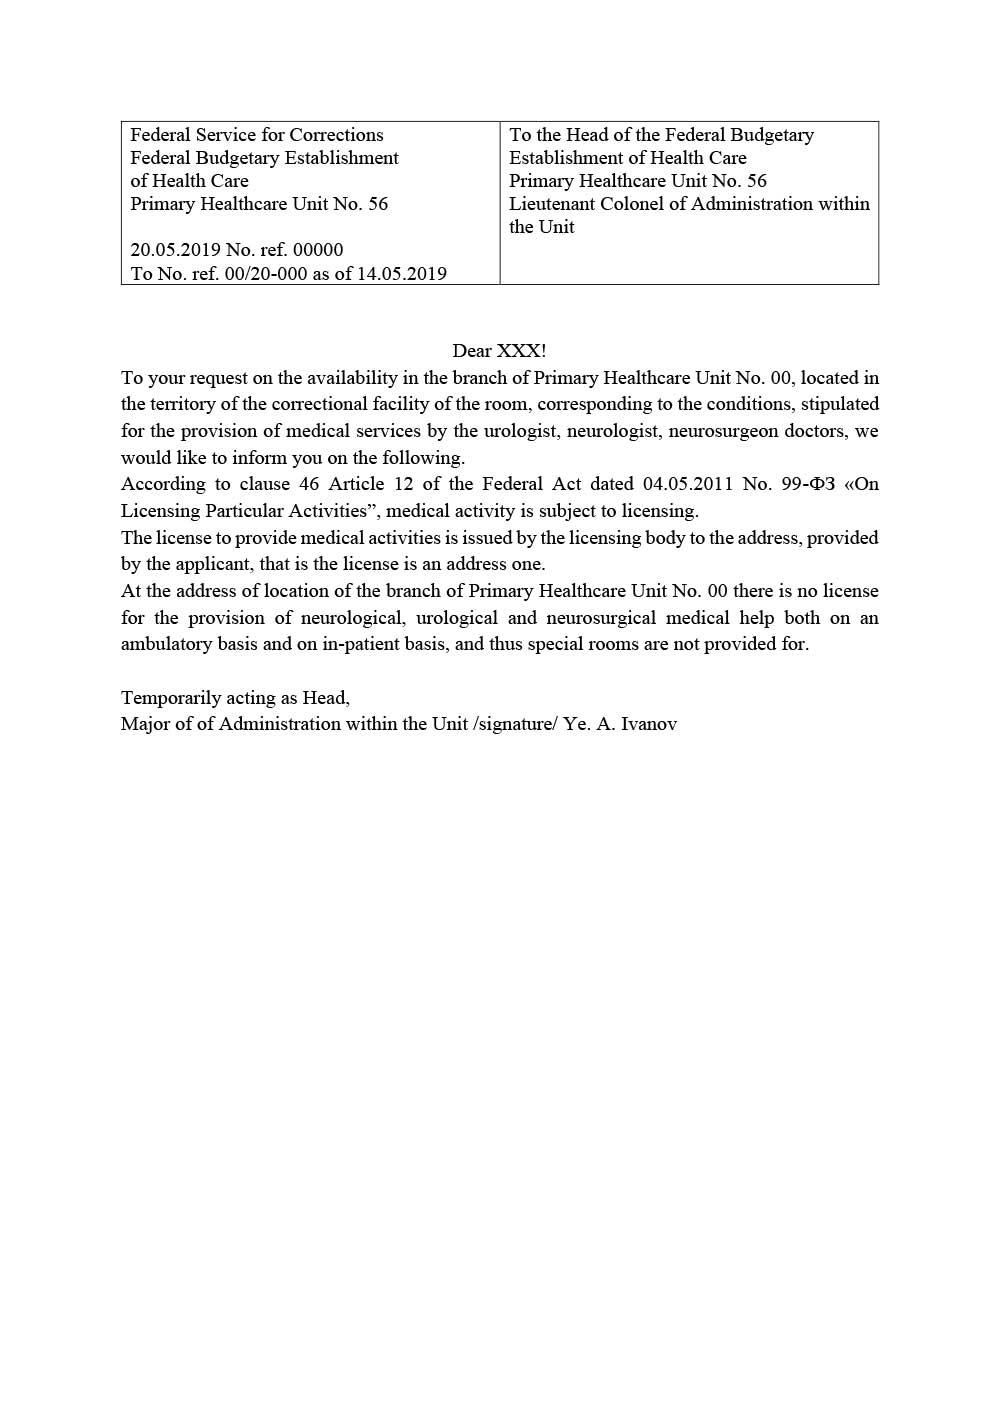 Пример перевода ответа по решению суда на английский